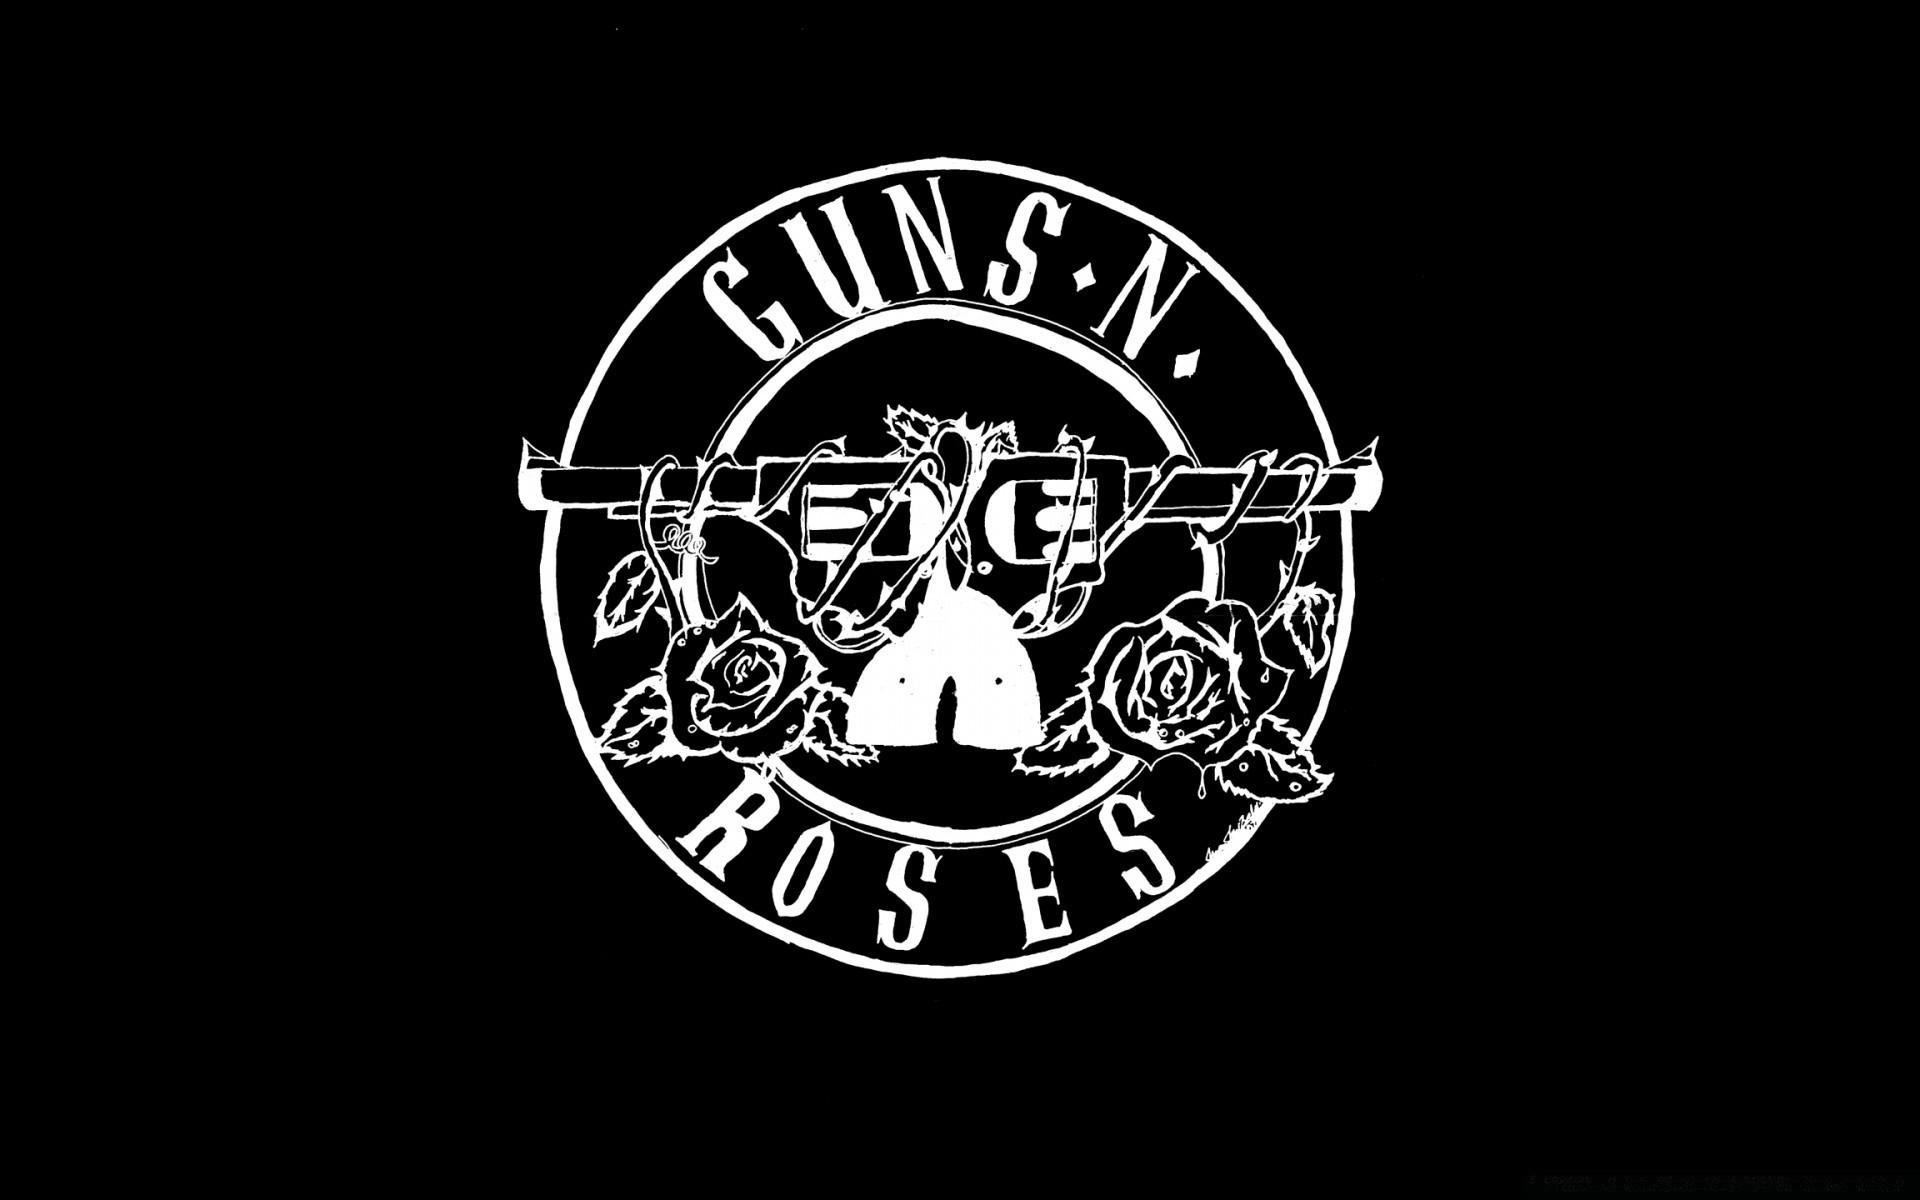 guns n roses logo - HD1920×1200